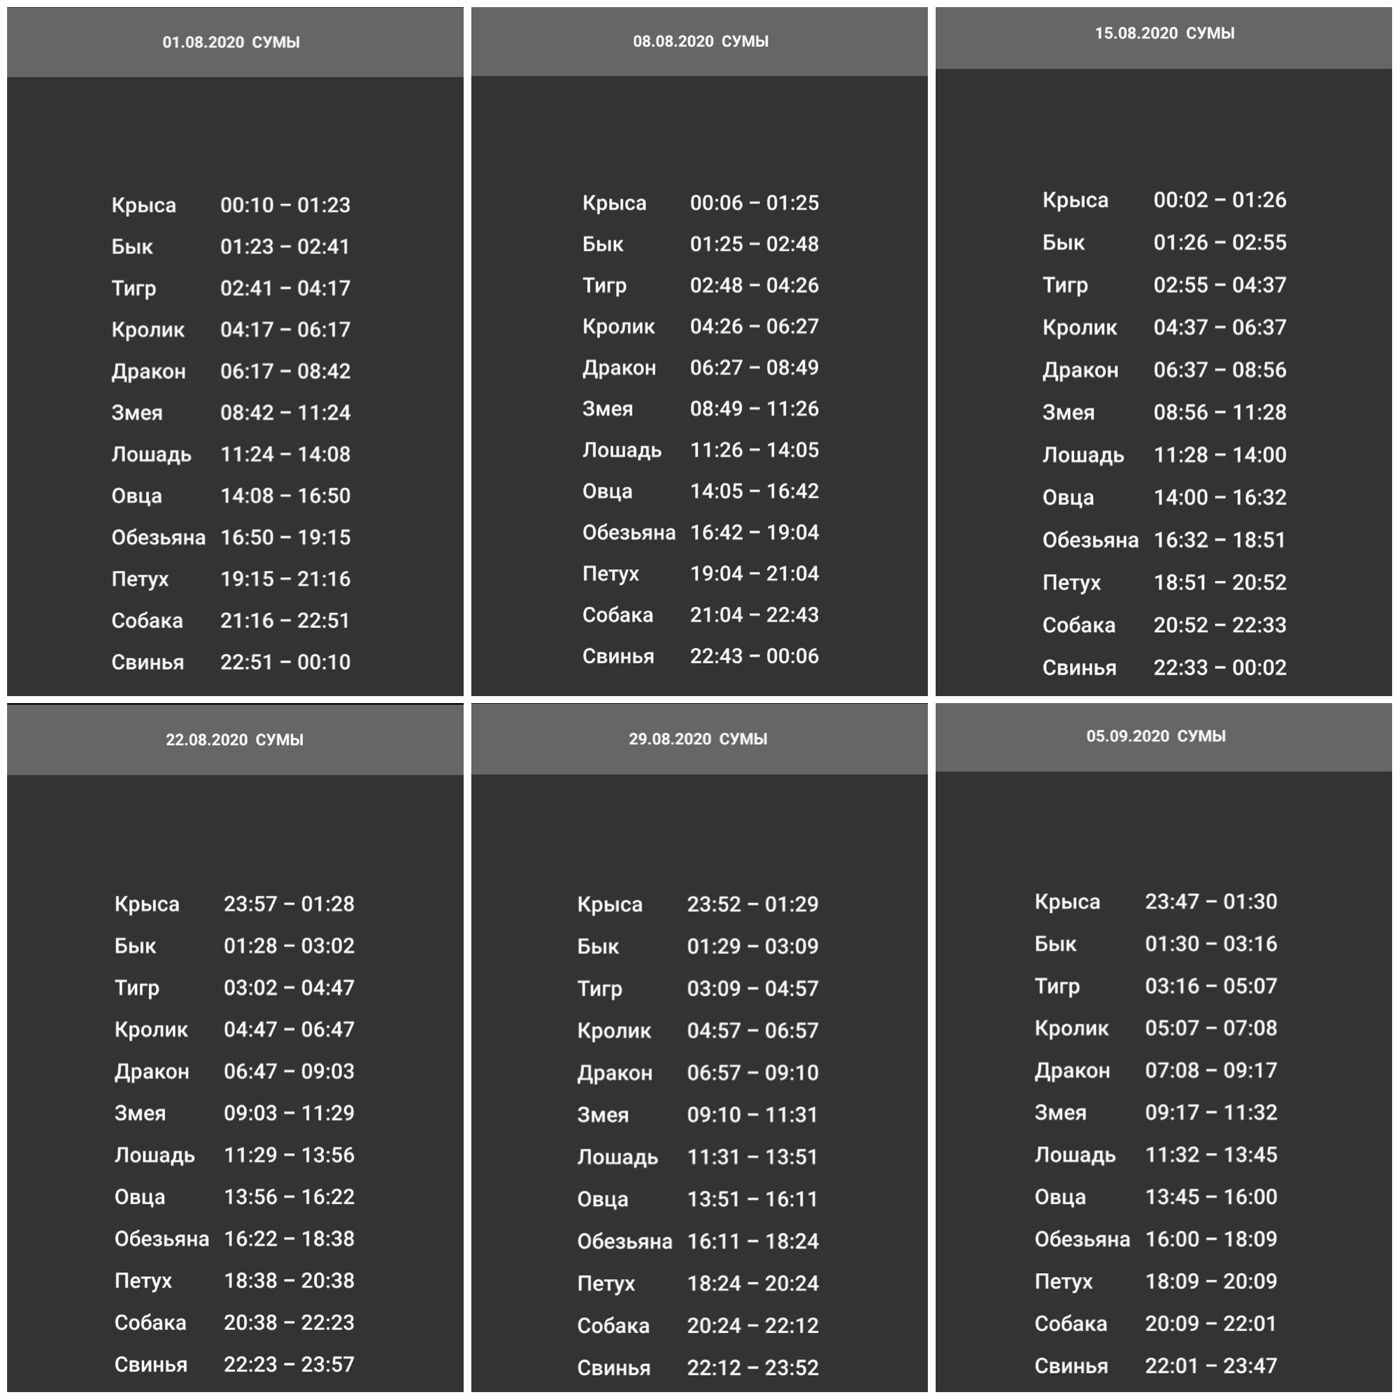 1BF14532-4443-409D-8EB5-6D6F49E5182B